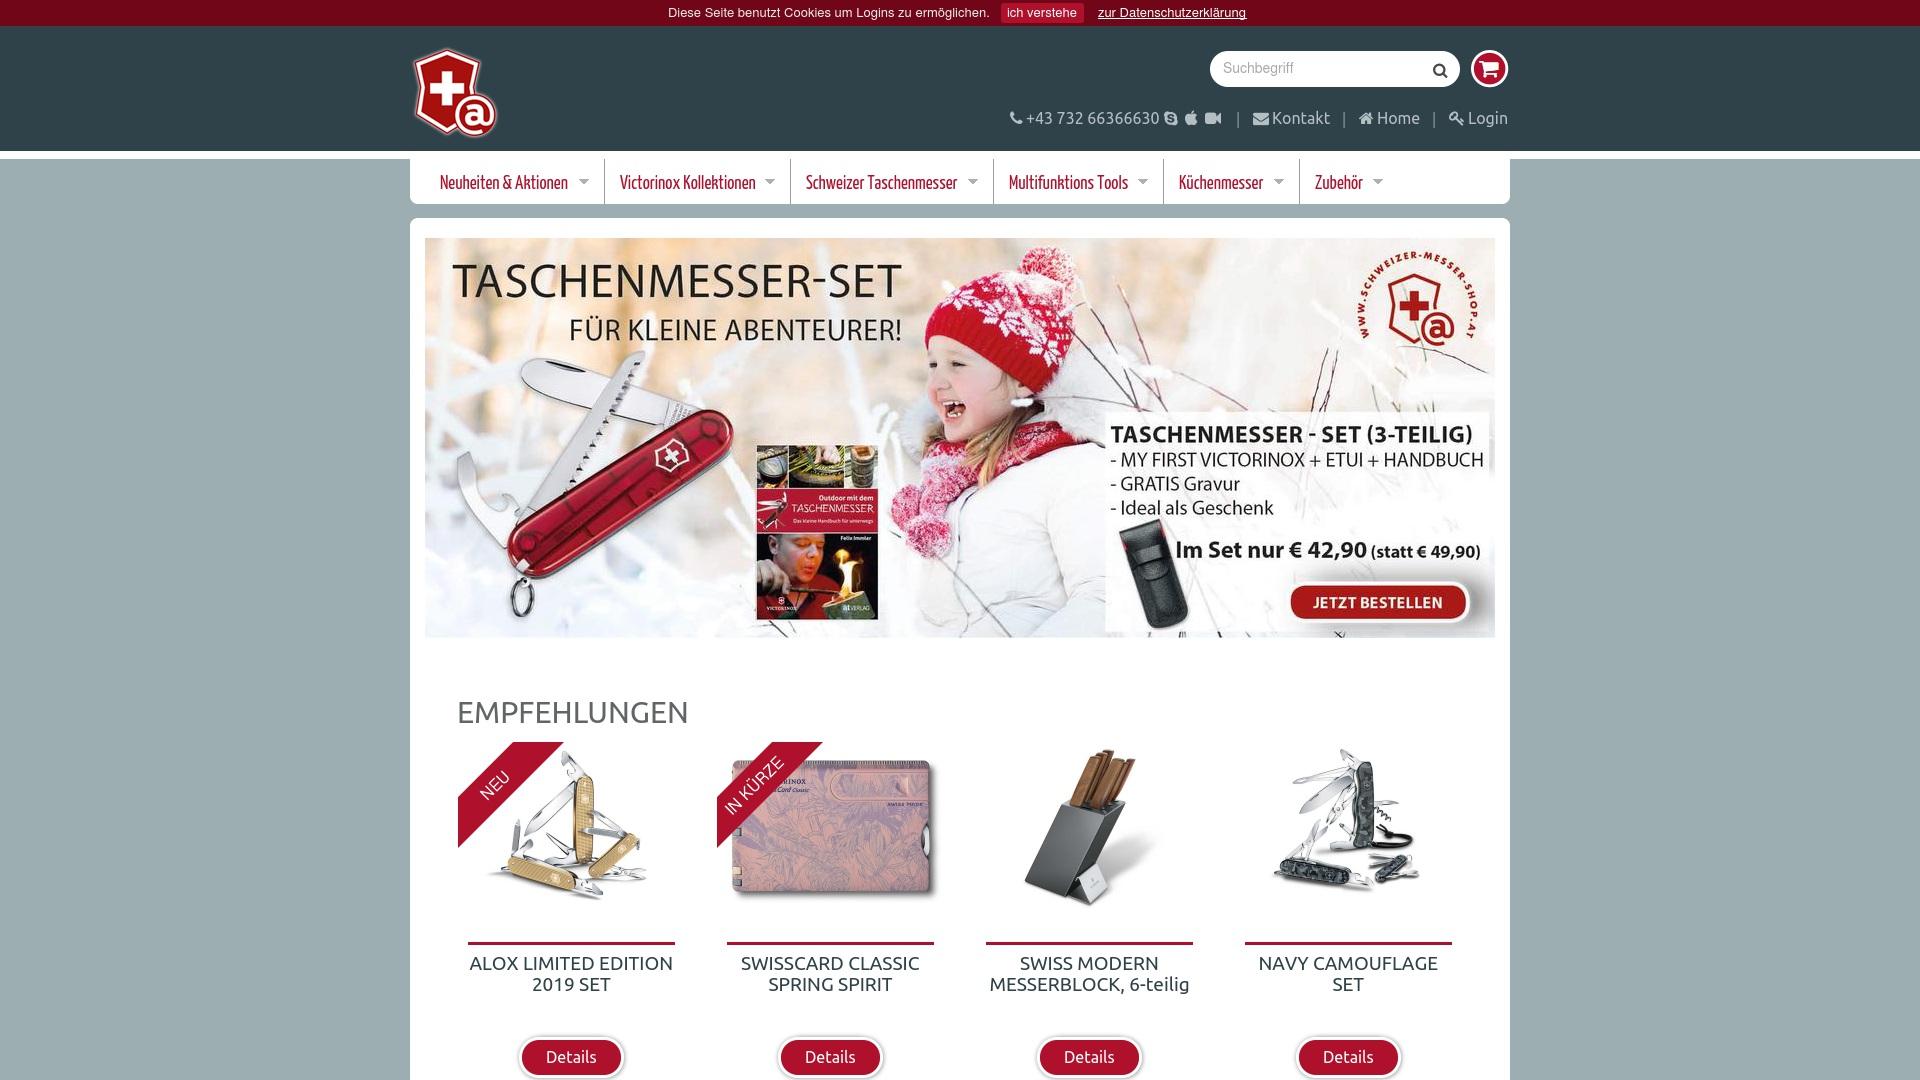 Geld zurück bei Schweizer-messer-shop: Jetzt im Mai 2021 Cashback für Schweizer-messer-shop sichern